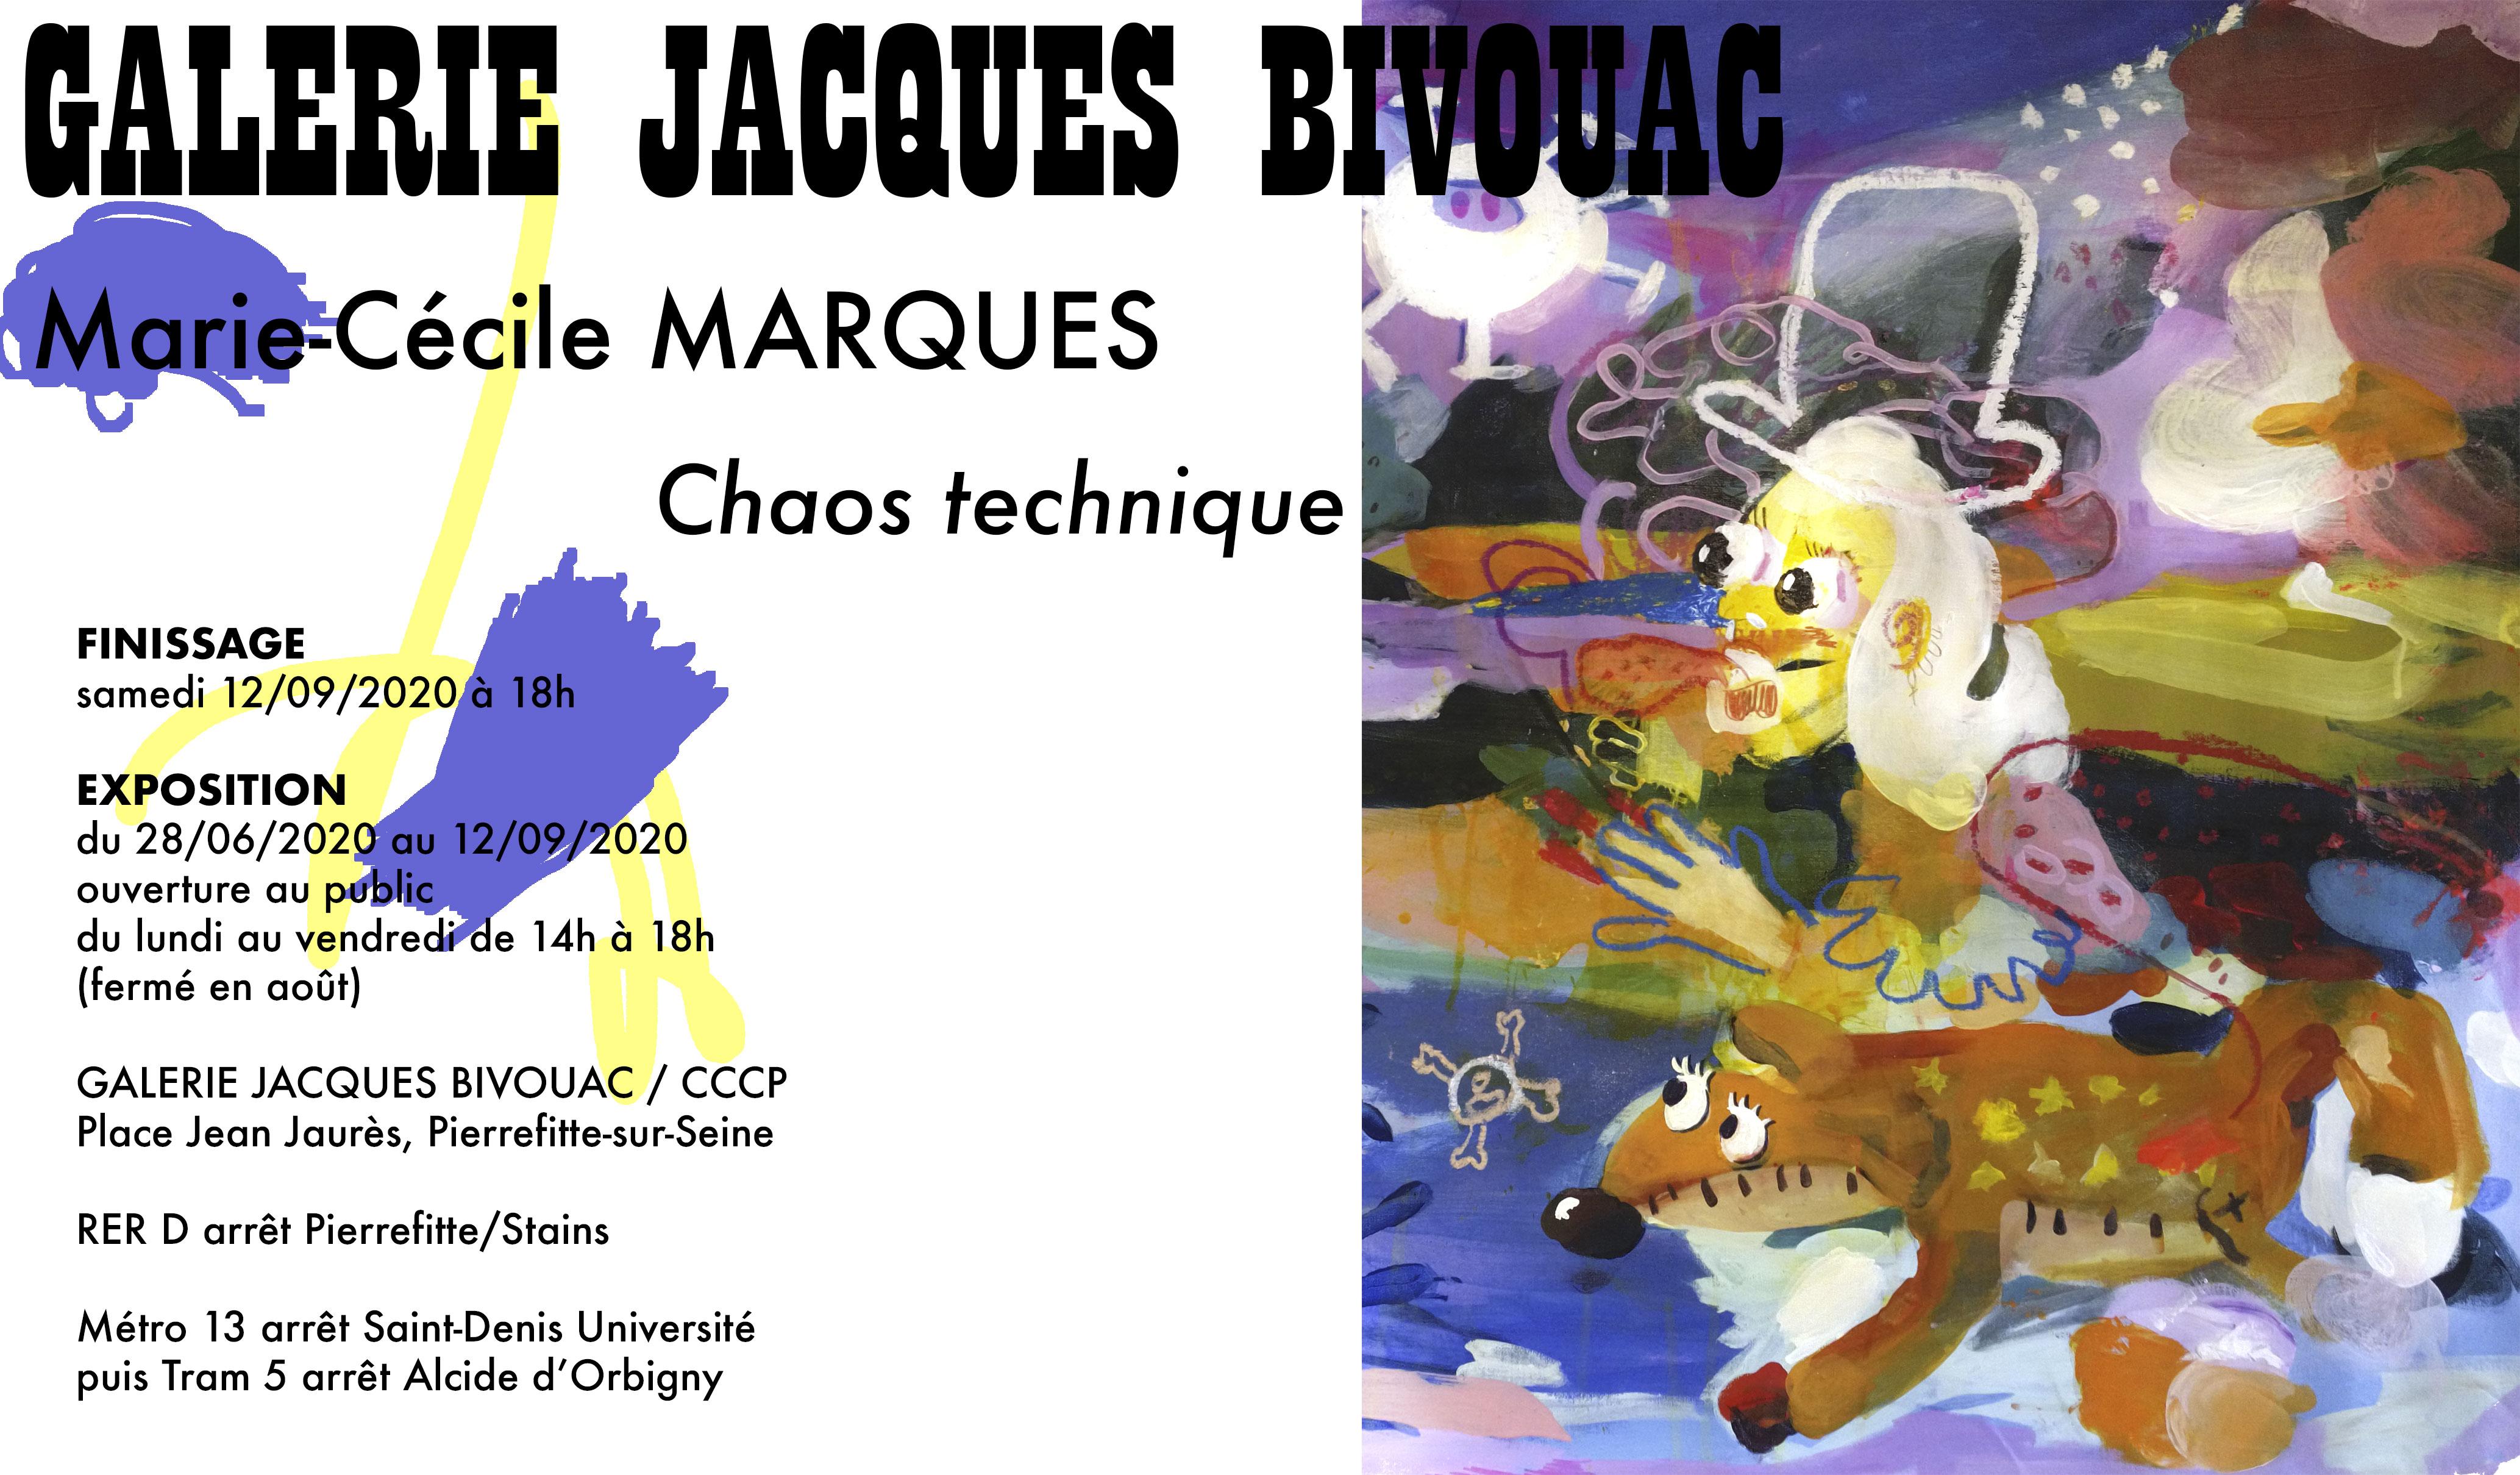 Marie-Cecile-MARQUES-Galerie-Jacques-BIVOUAC